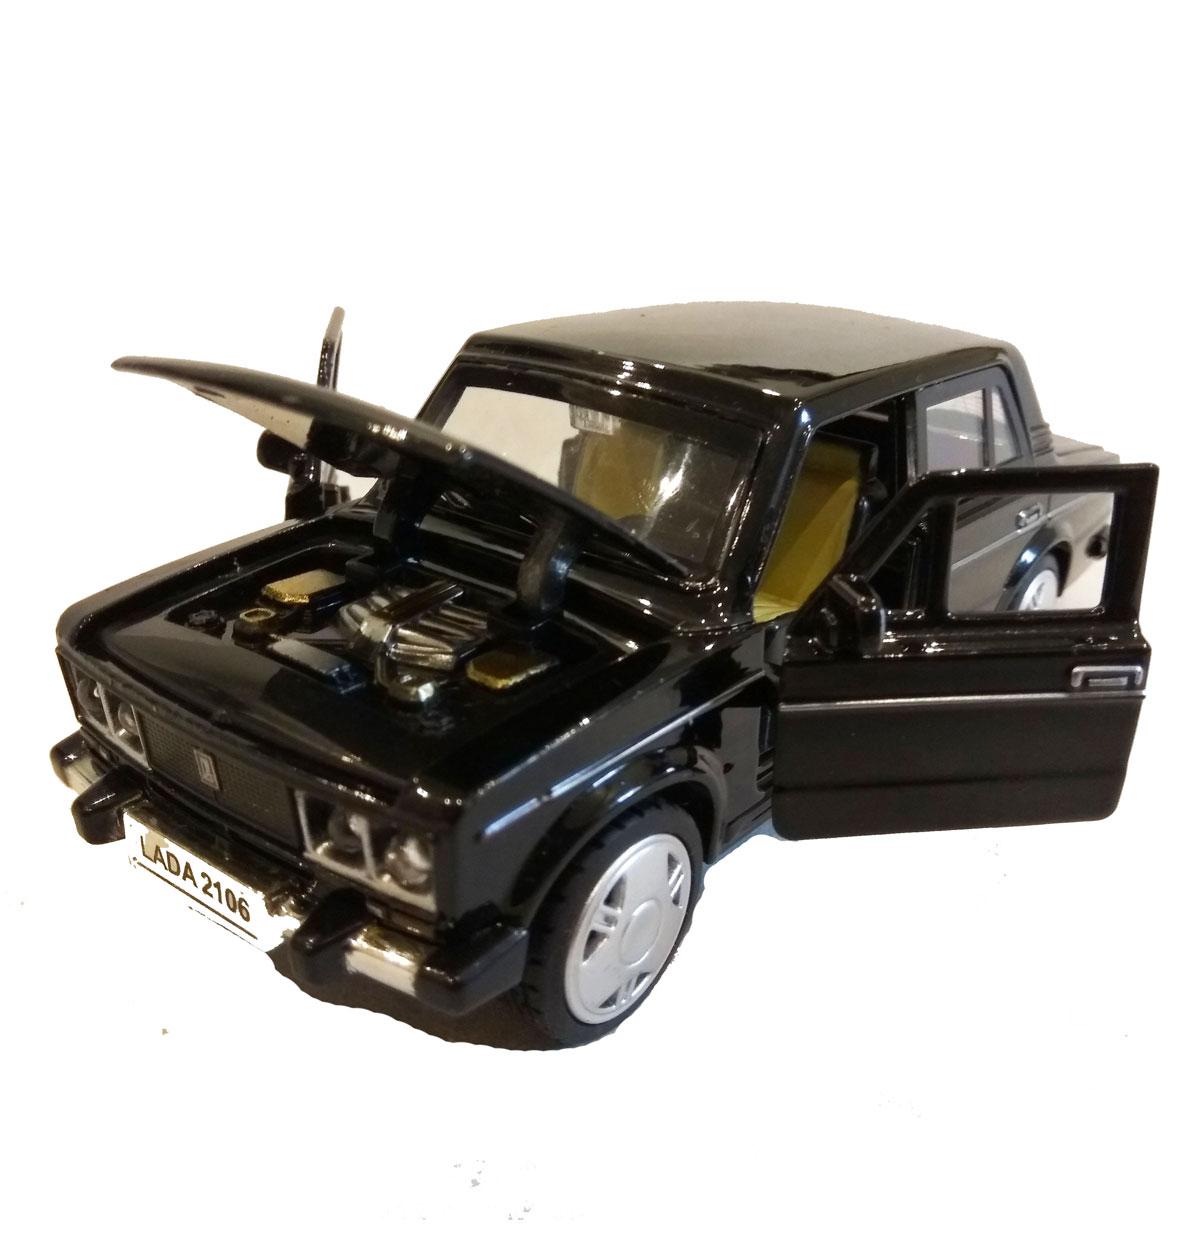 Металлическая модель жигулей на батарейках ВАЗ 2106. Цена ...